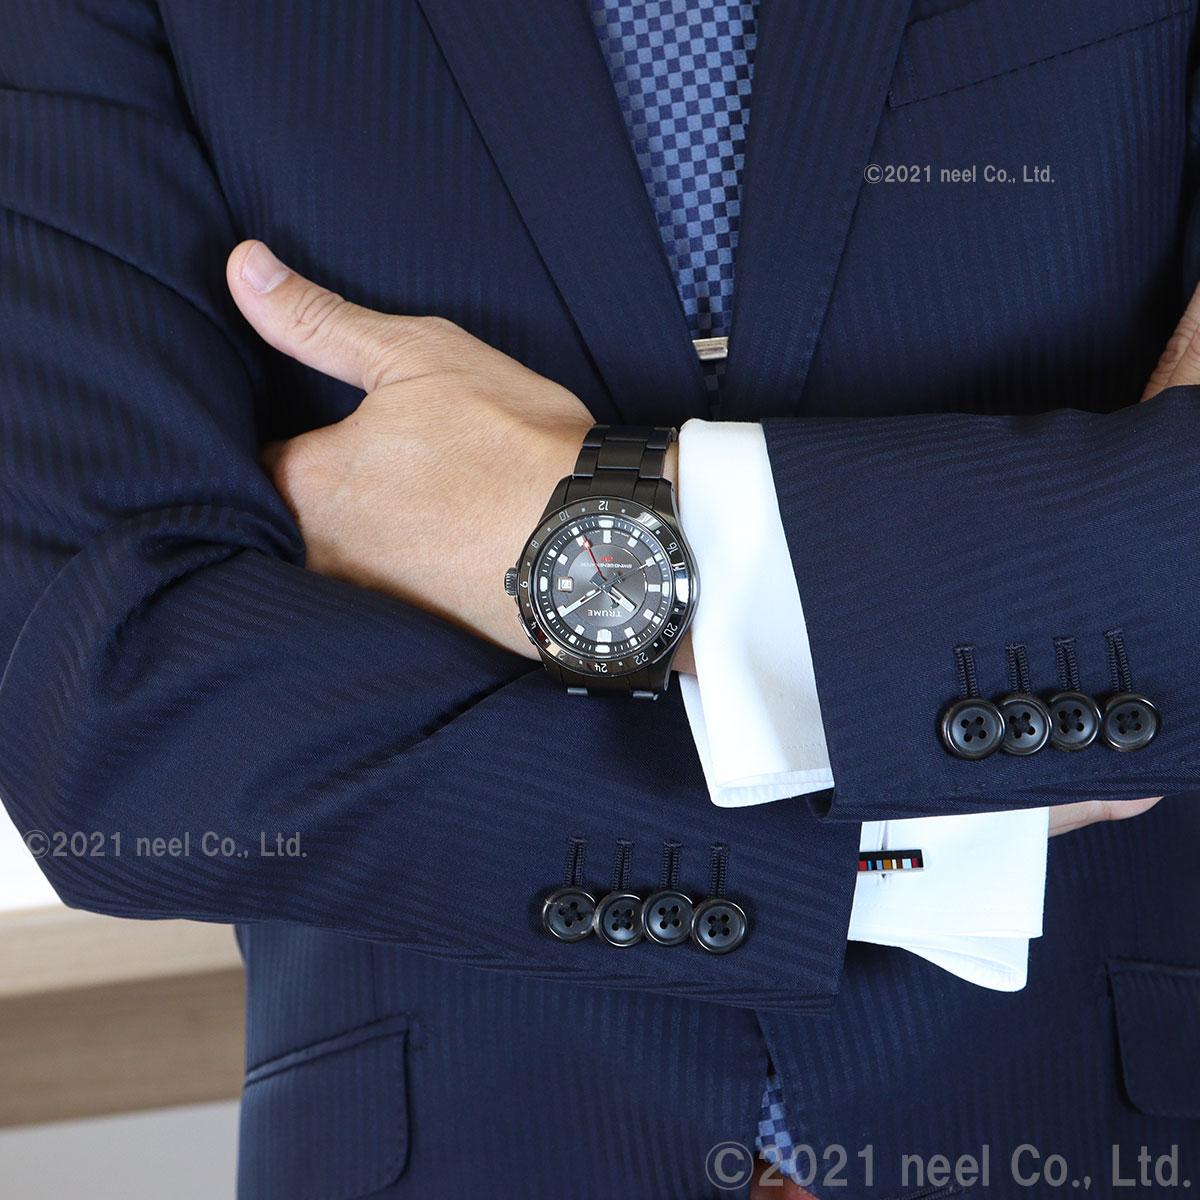 エプソン トゥルーム EPSON TRUME 腕時計 メンズ SWING GENERATOR L Collection Break Line TR-ME2008X